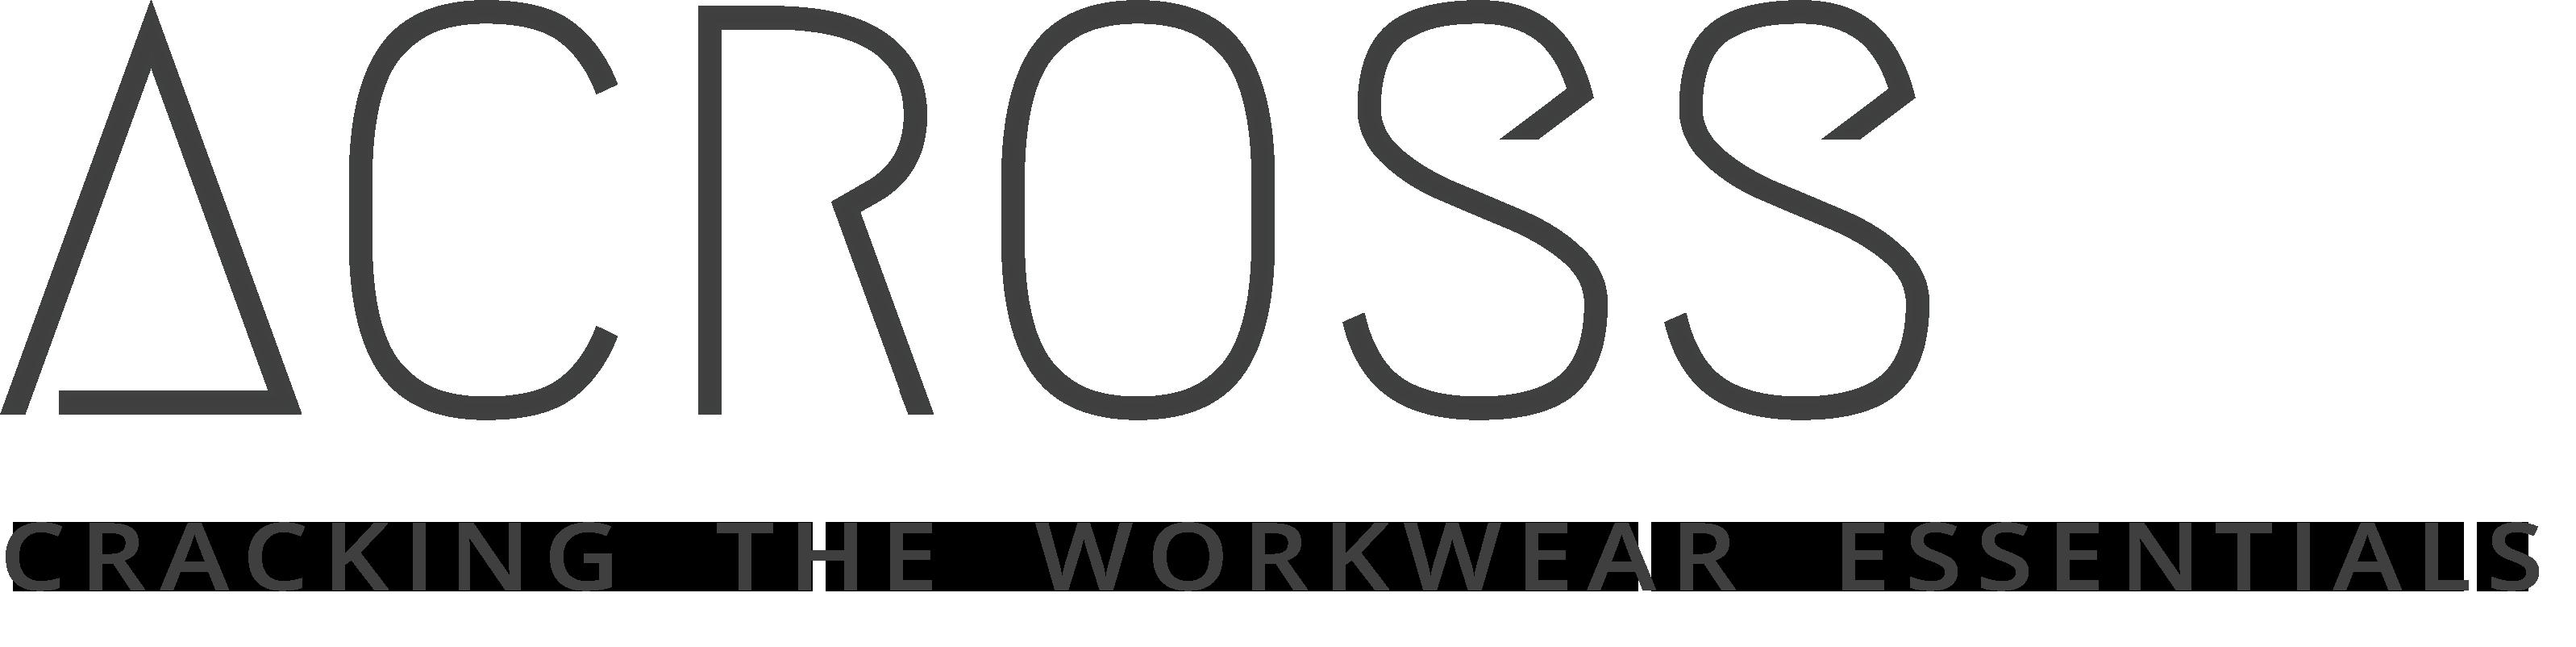 acrosswear